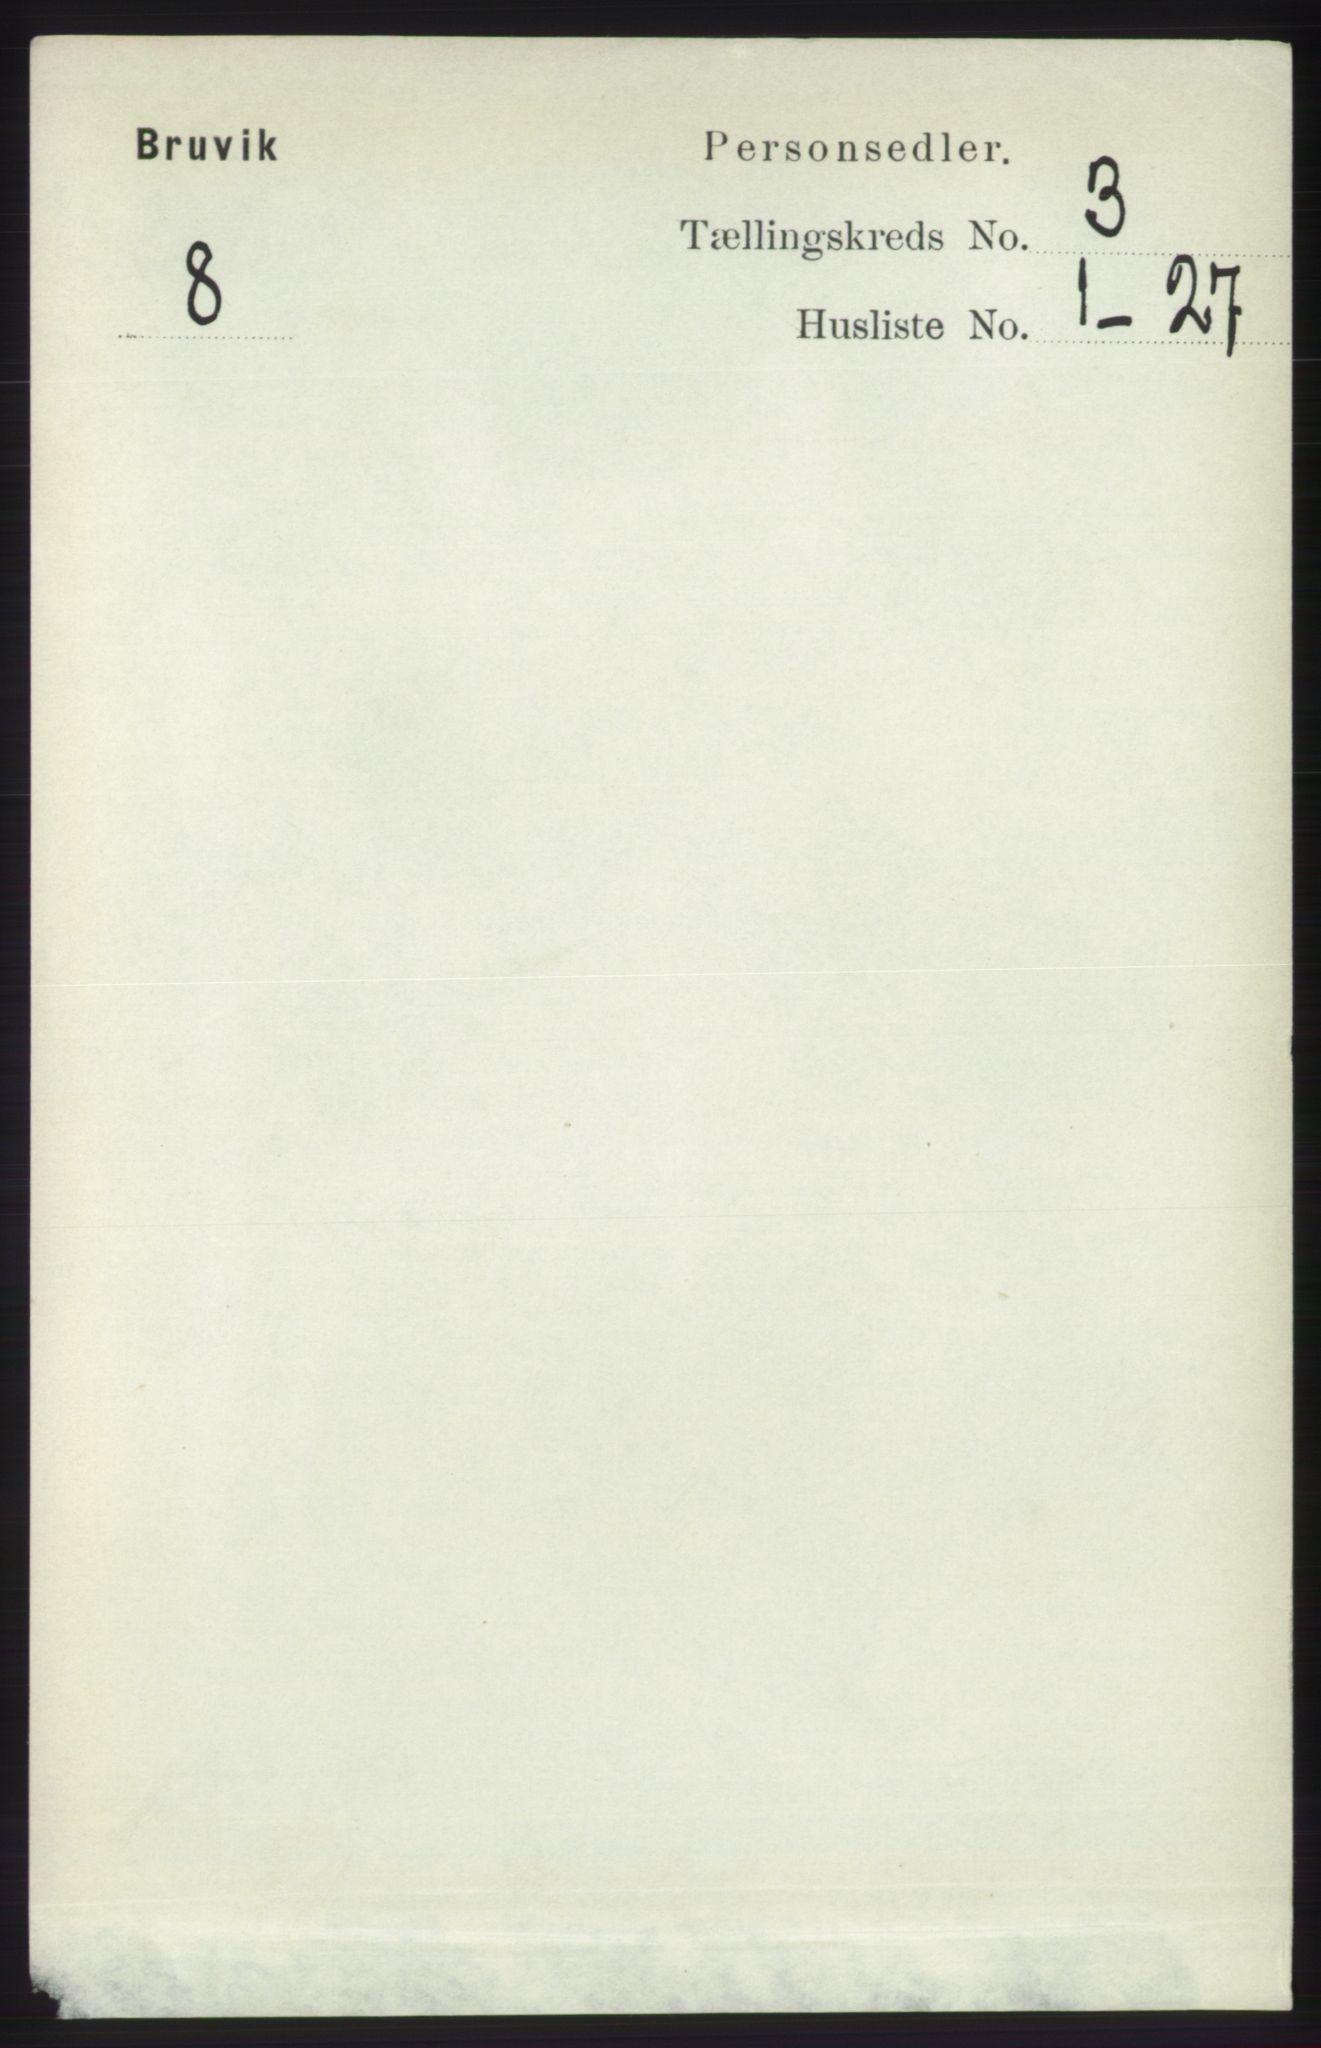 RA, Folketelling 1891 for 1251 Bruvik herred, 1891, s. 823